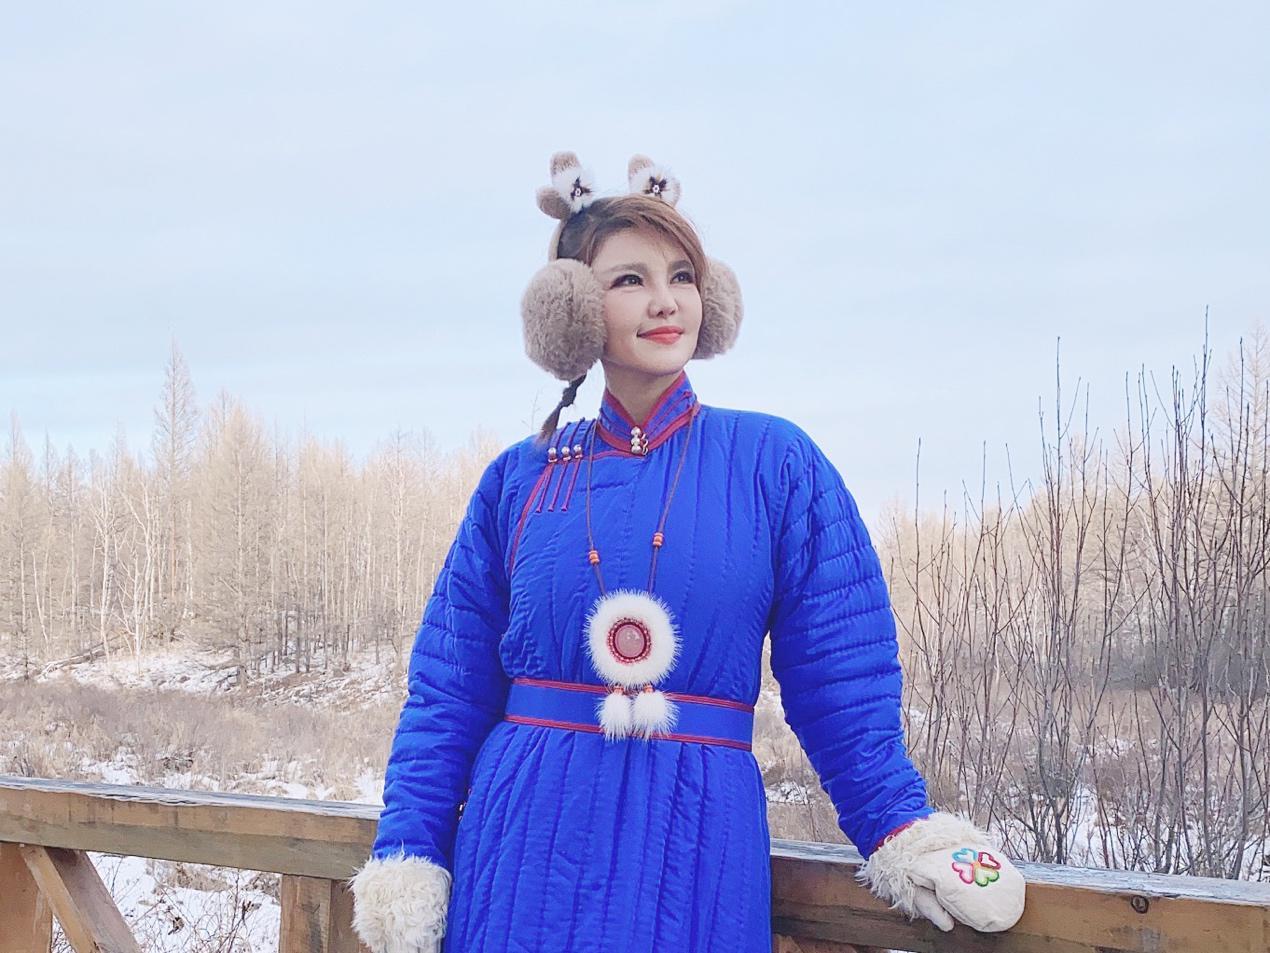 乌兰图雅带你品赏北疆明珠、仙境雪城阿尔山……